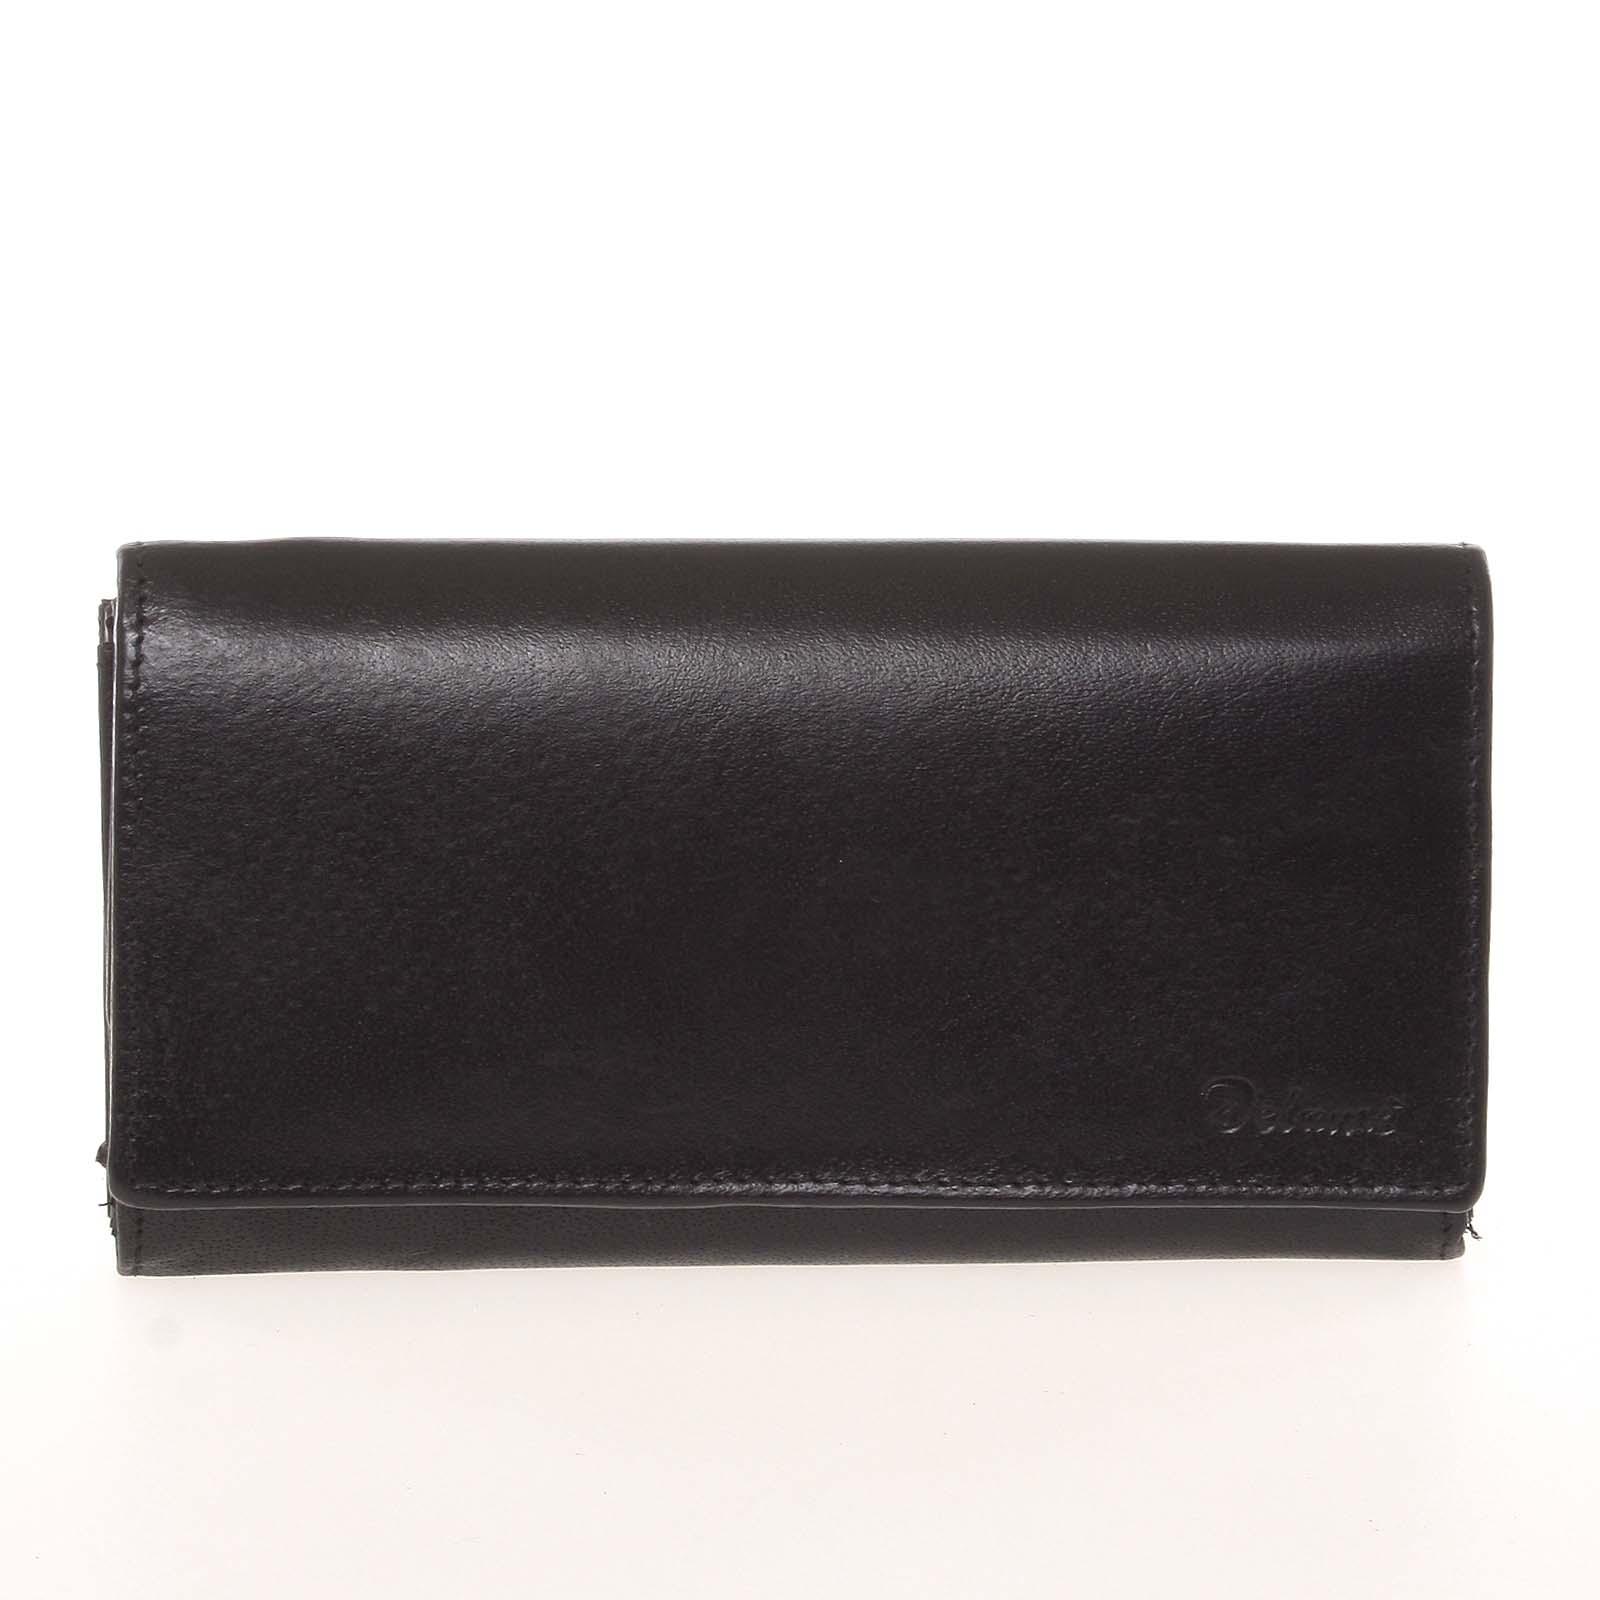 Dámska kožená čierna peňaženka - Delami CHAGL04104 čierna